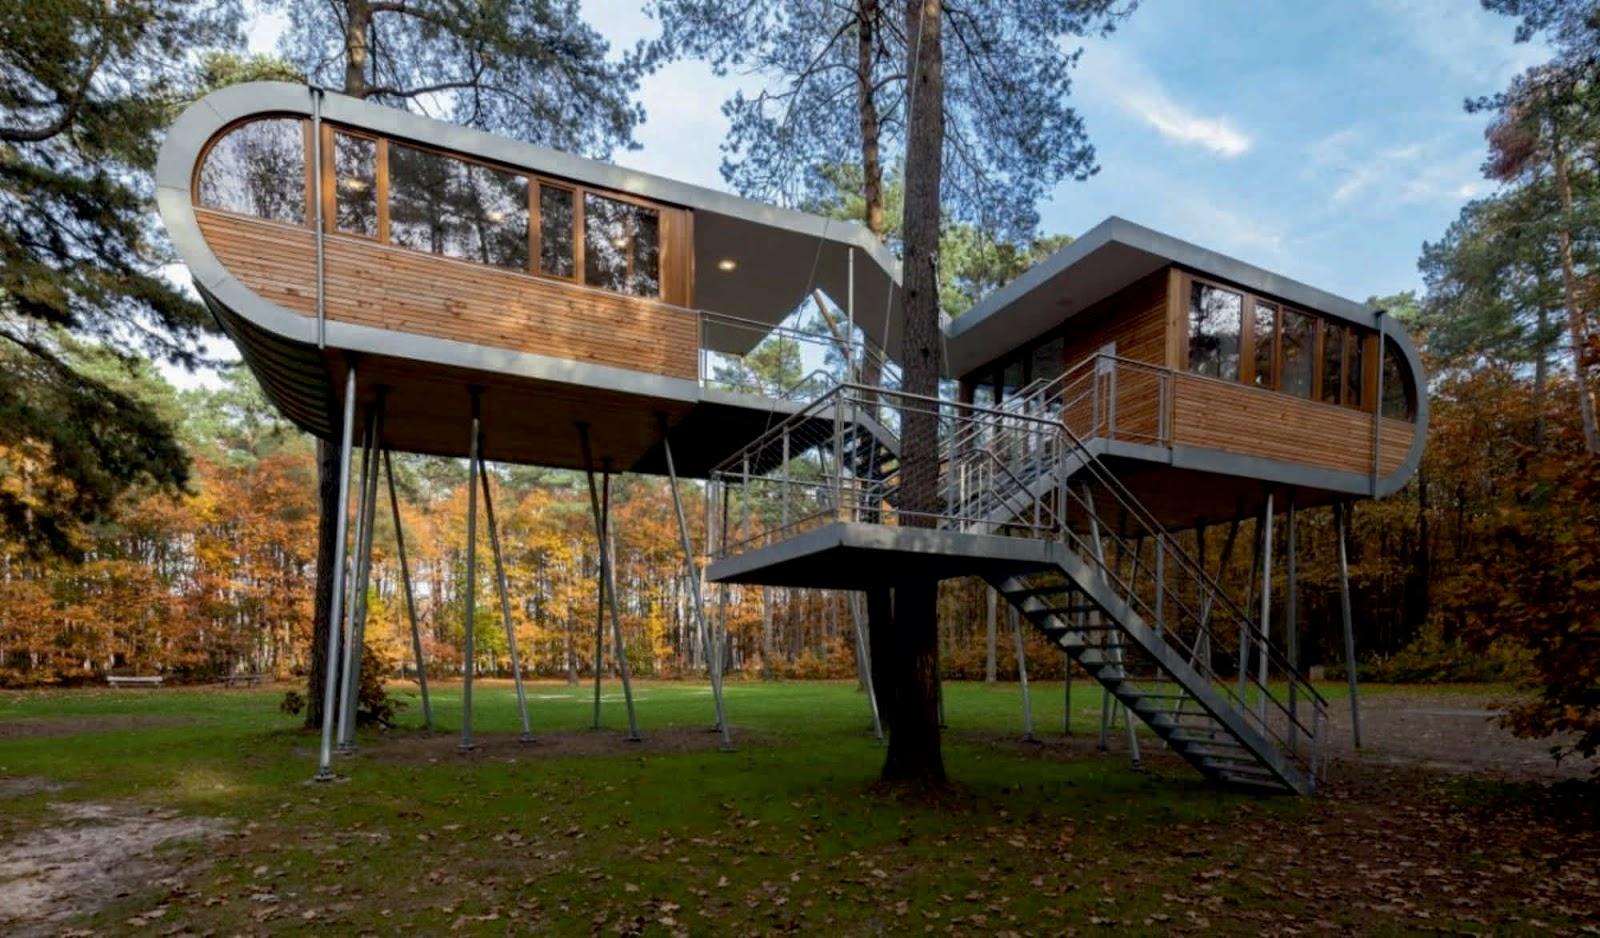 Casas lindas 26 fotos inspiradoras arquidicas for Hotel con casas colgadas de los arboles